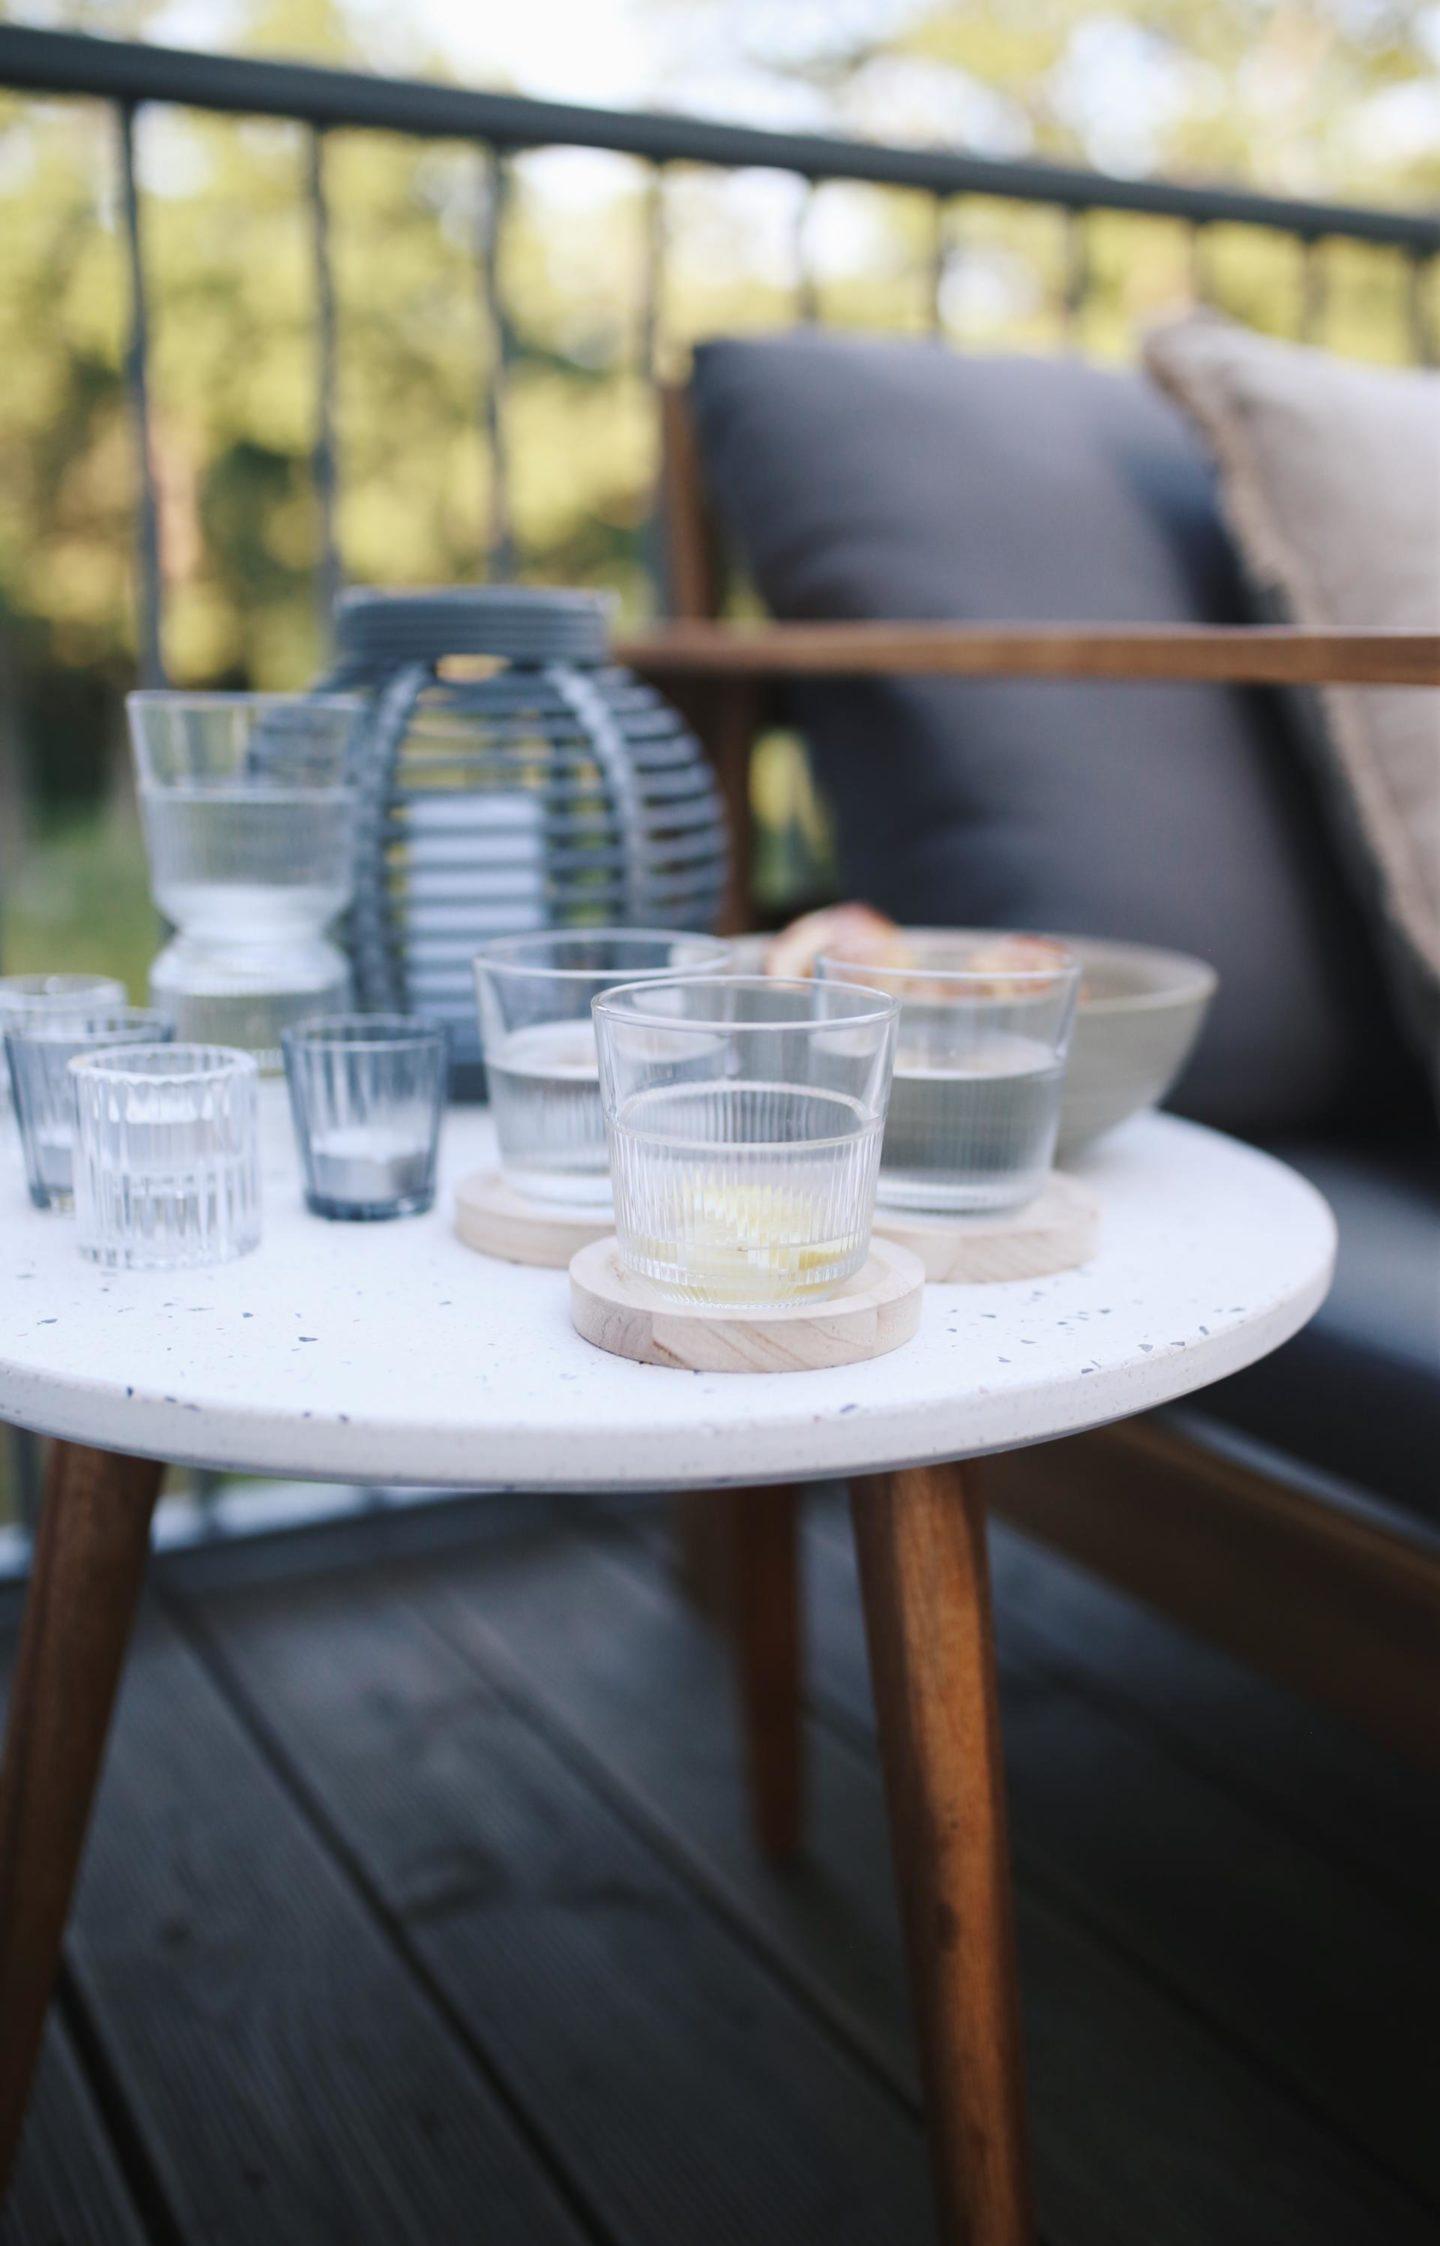 Werbung. Himmel ist das lecker! Unser Lieblingsplatz auf unserer Terrasse & das Rezept für eine moderne Charcuterie-Platte. Der Pinterest Trend 2021.